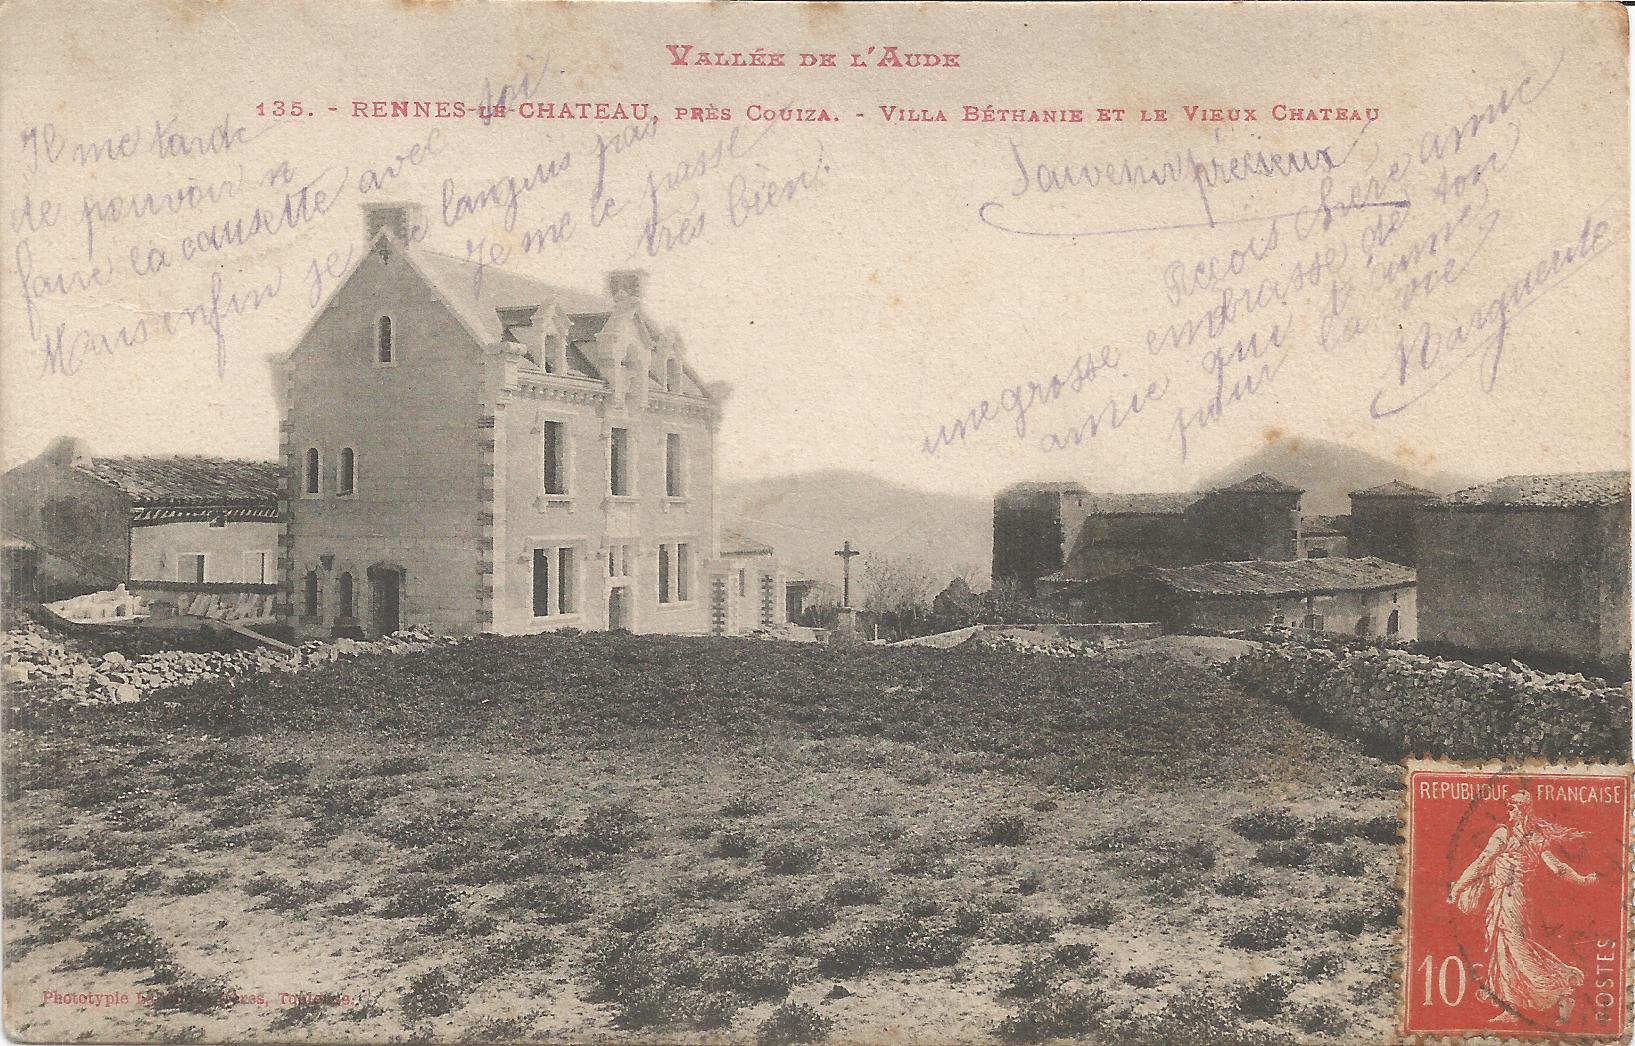 News : carte postale de la construction de la villa Béthania à Rennes-le-Château